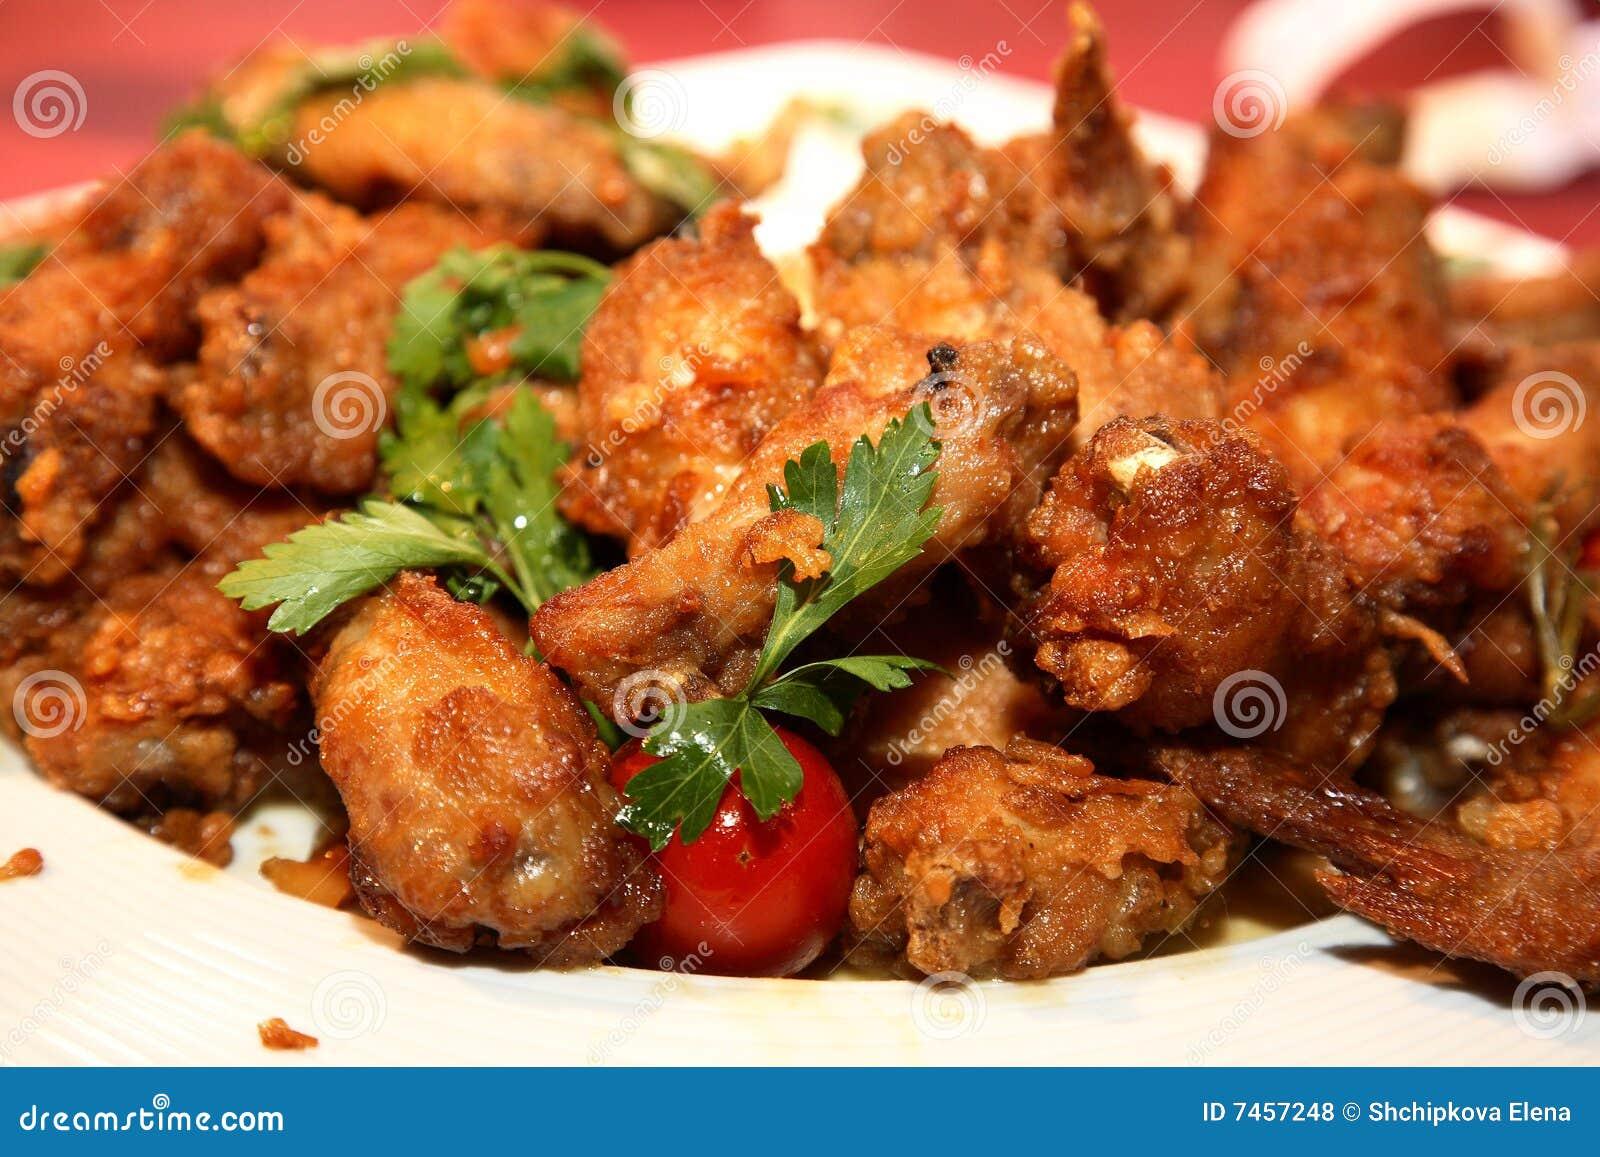 Piernas de pollo frito